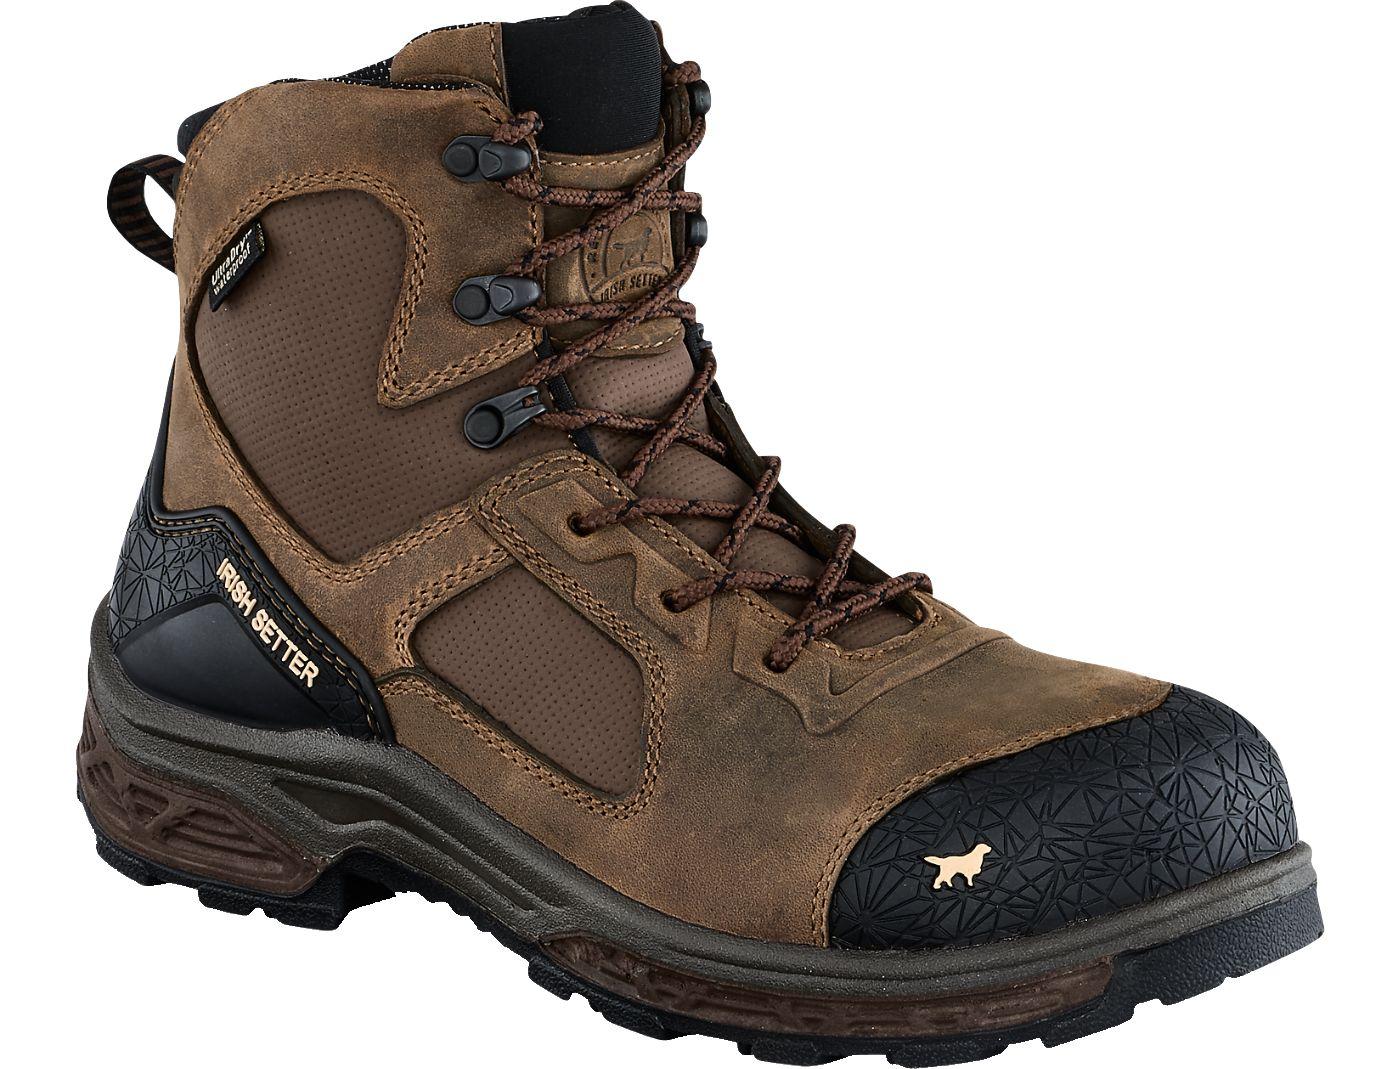 Irish Setter Men's Kasota 6'' Side Zip Waterproof Composite Toe Work Boots